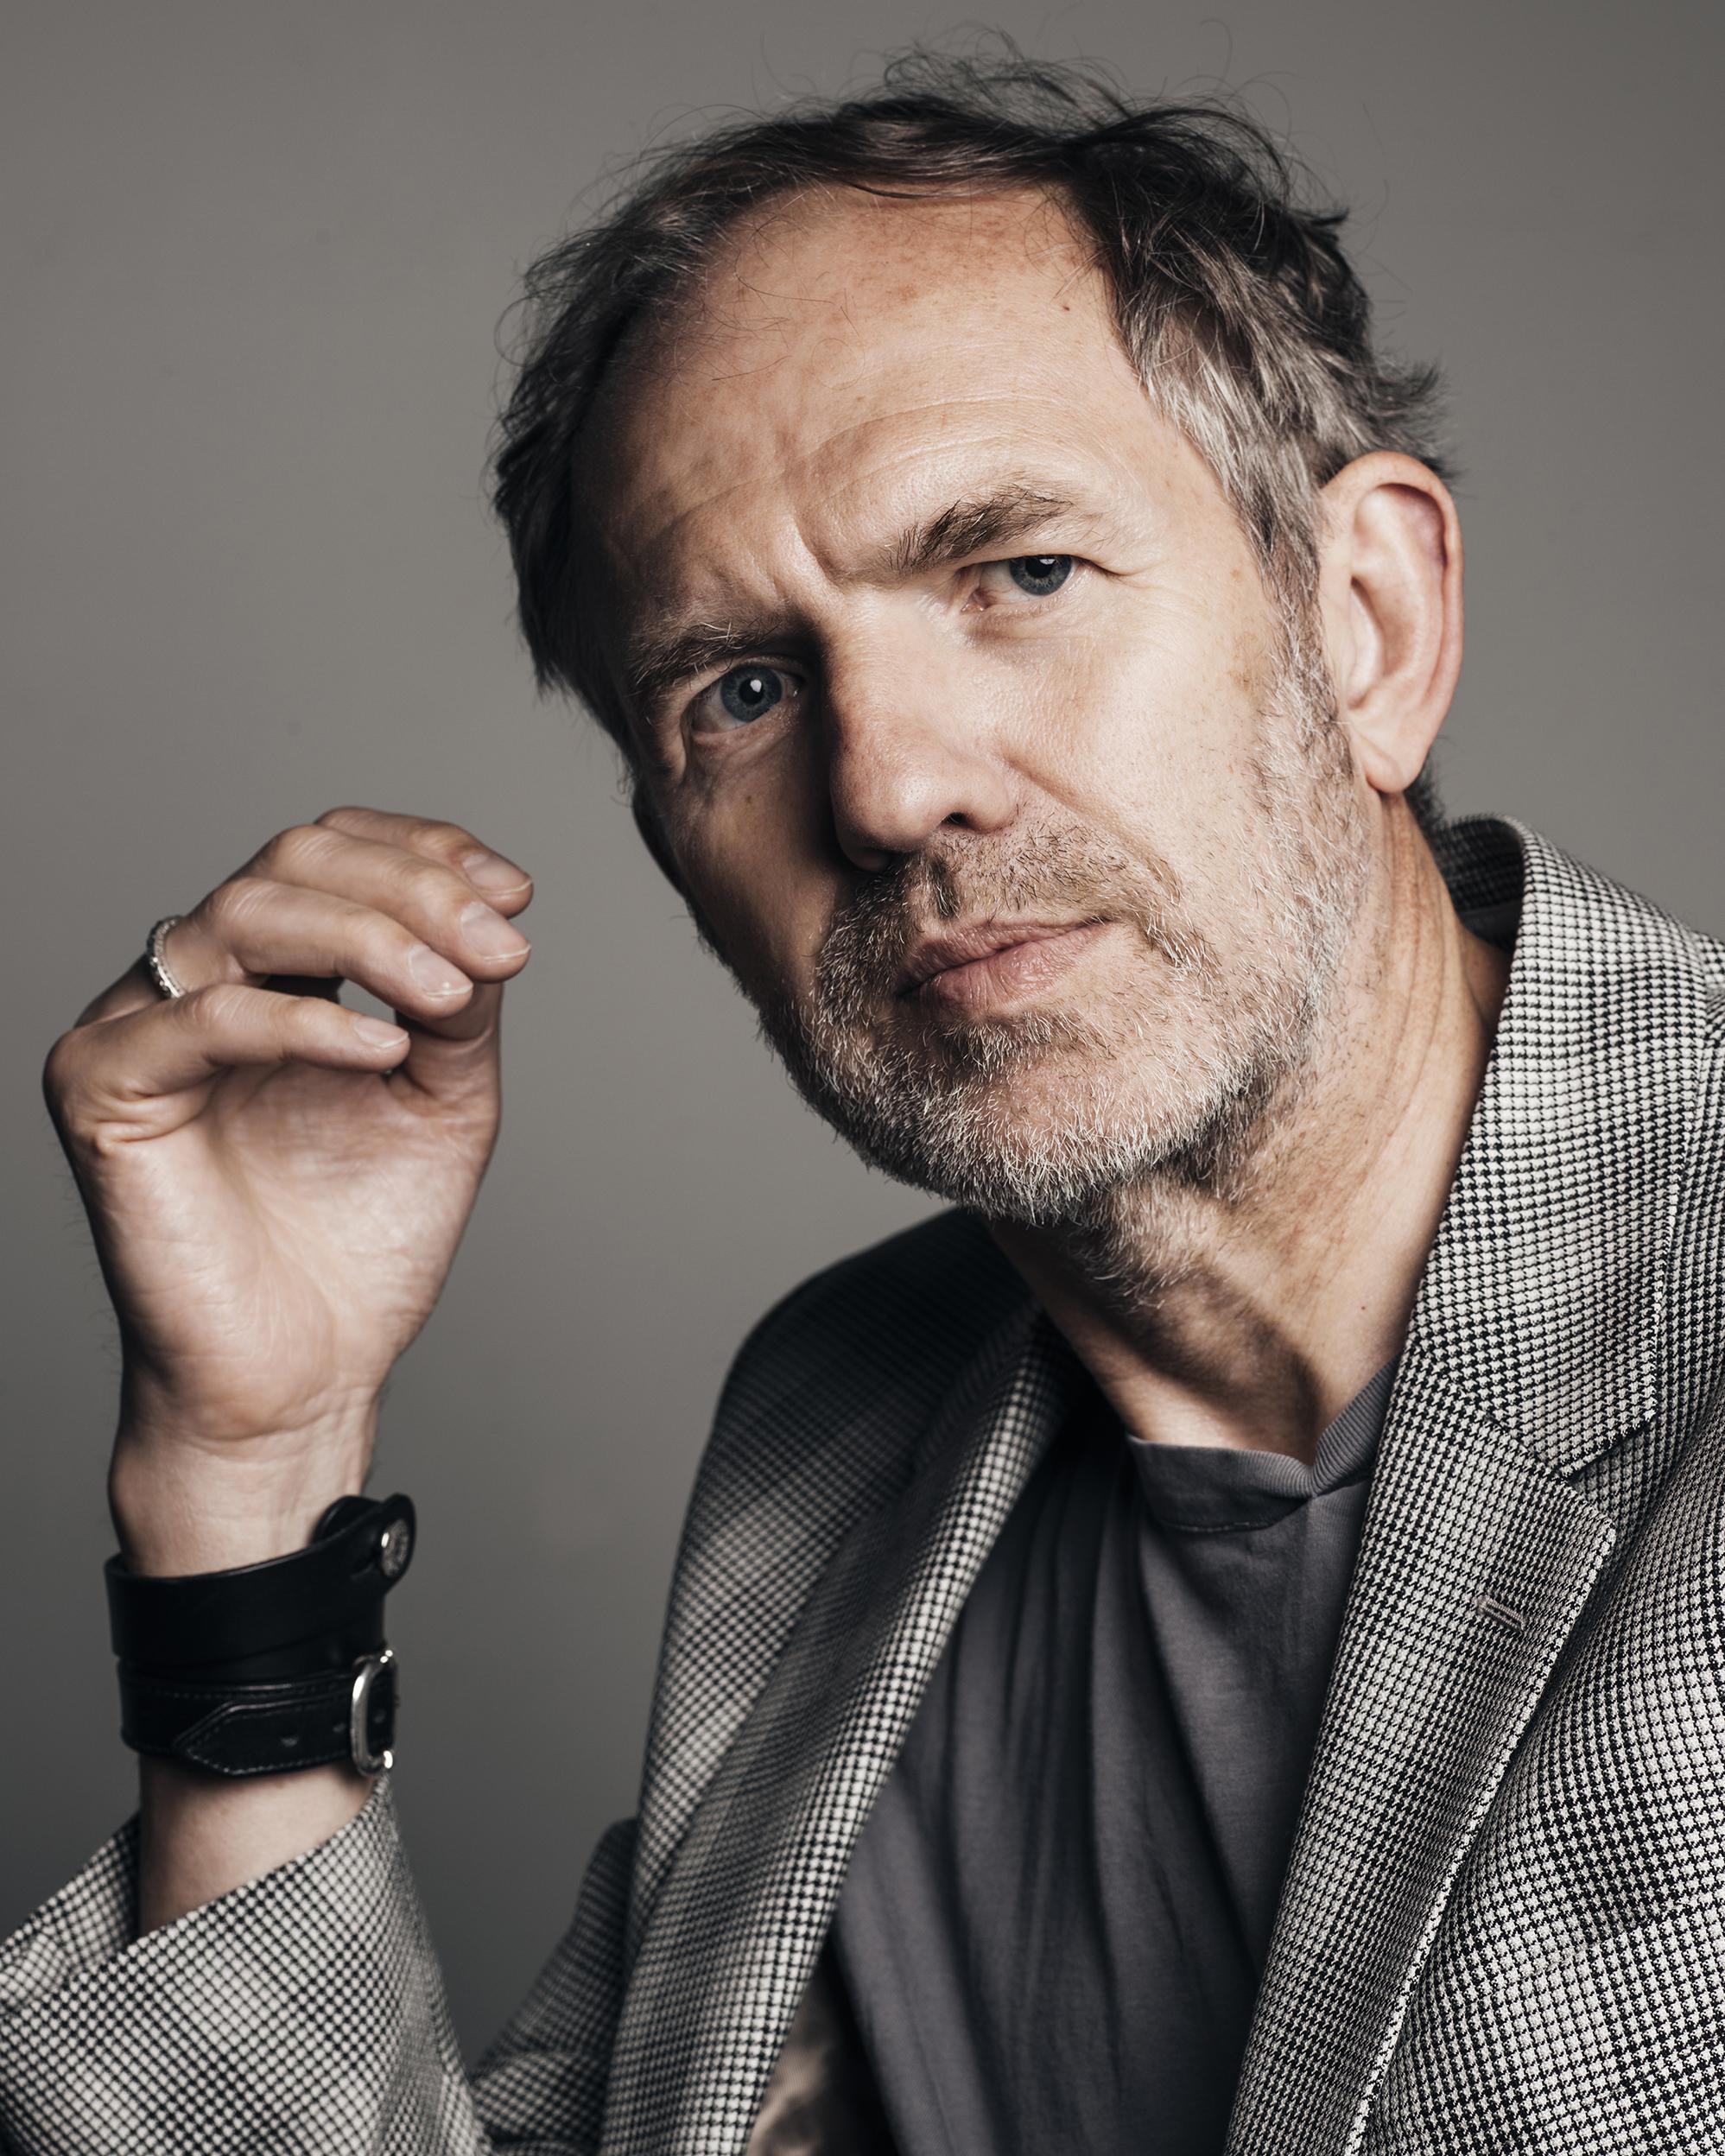 Anton Corbijn (director)